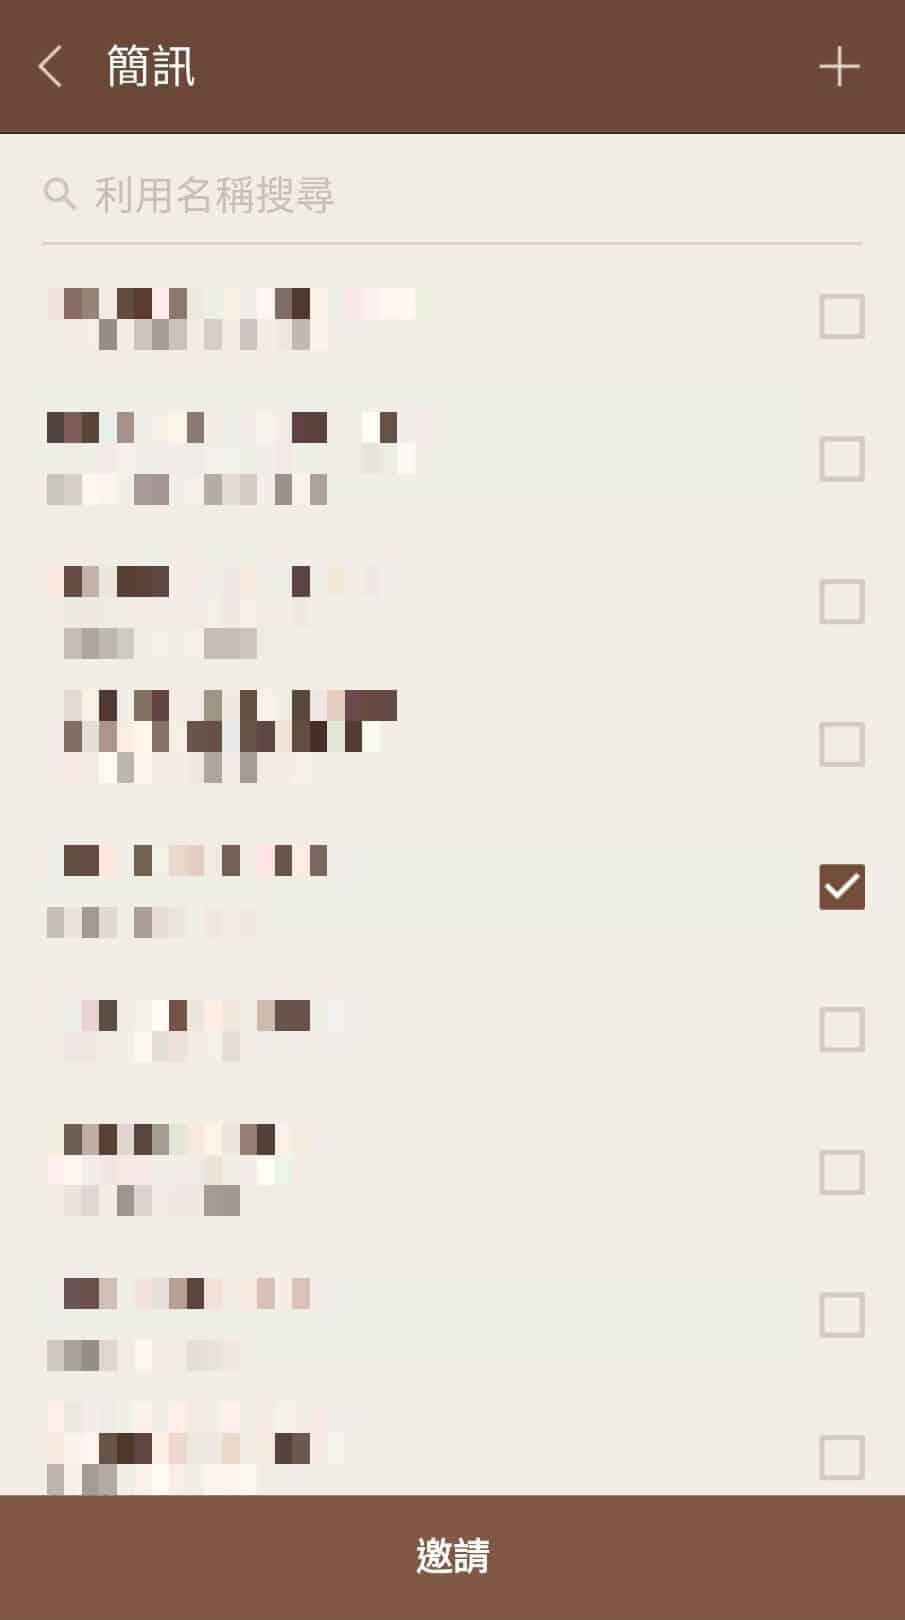 選擇一個連絡人